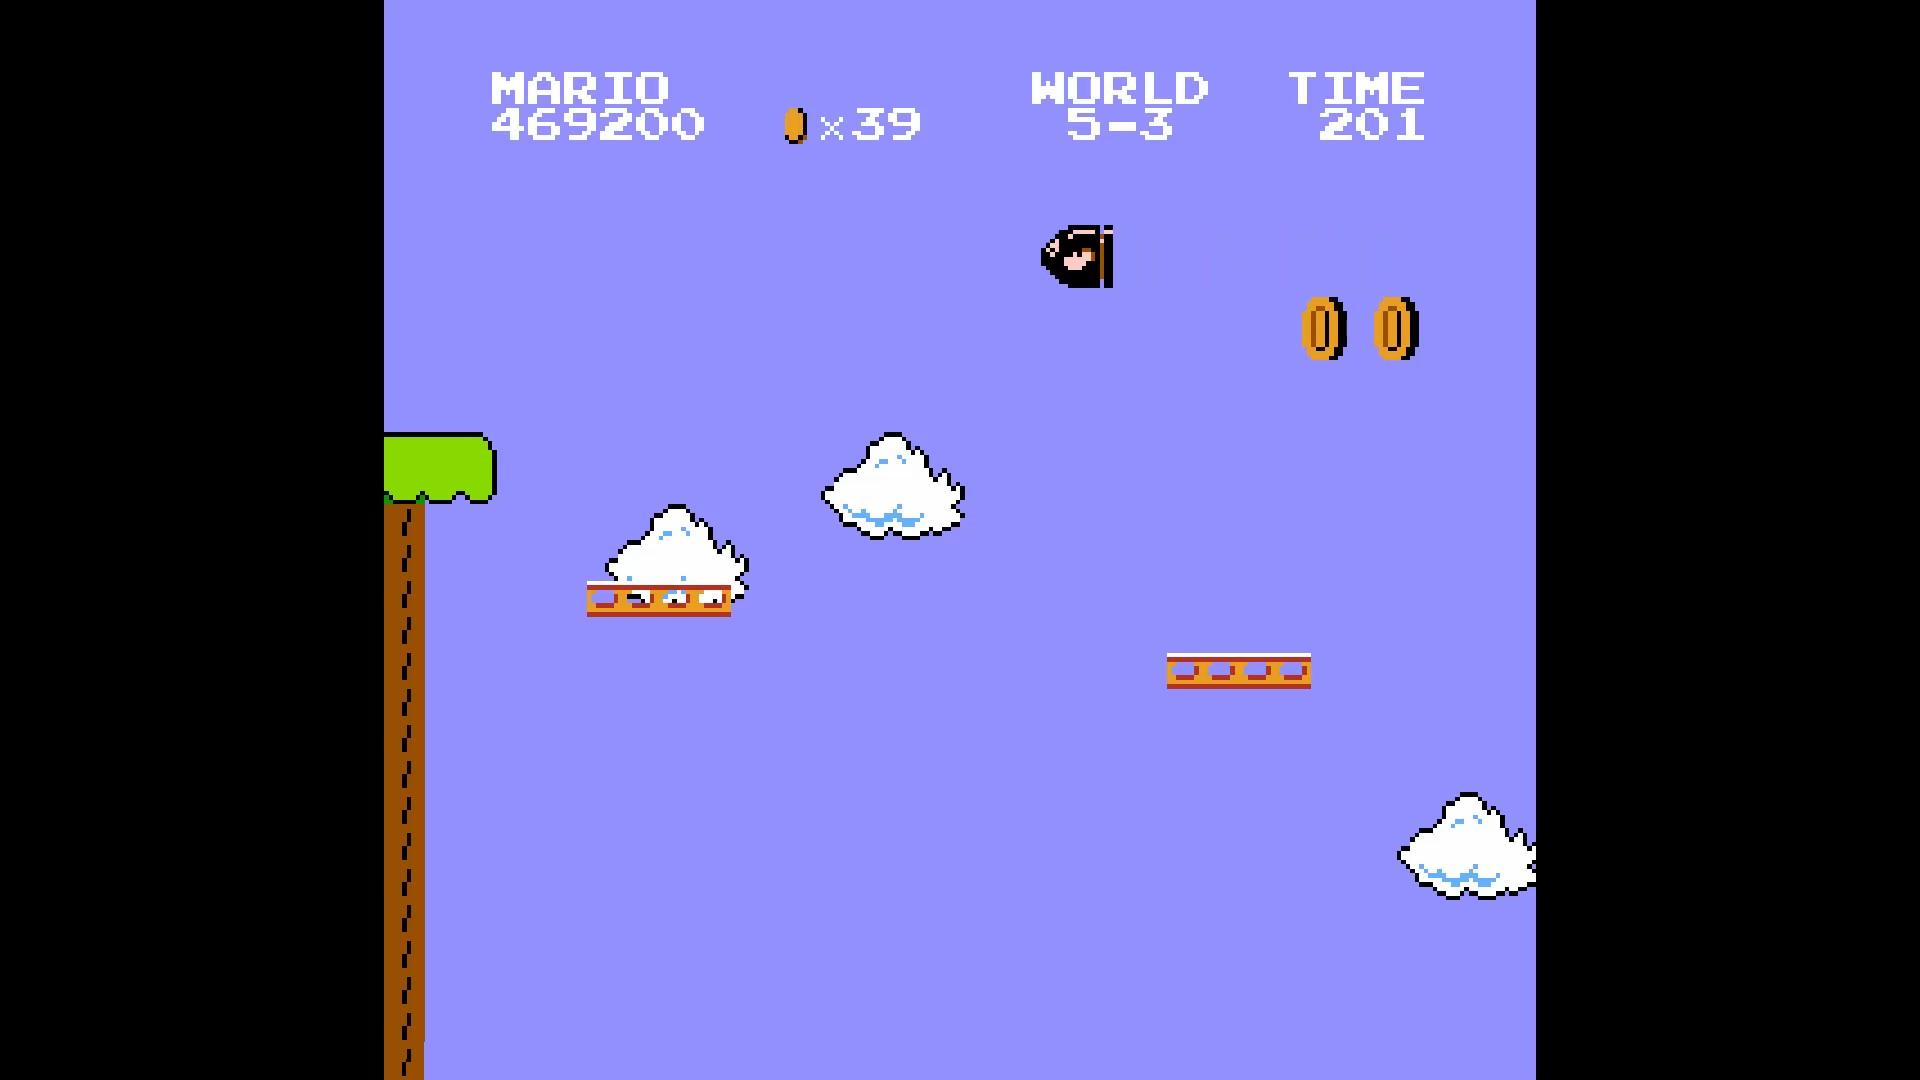 Super Mario Bros. [1 Life] 469,200 points